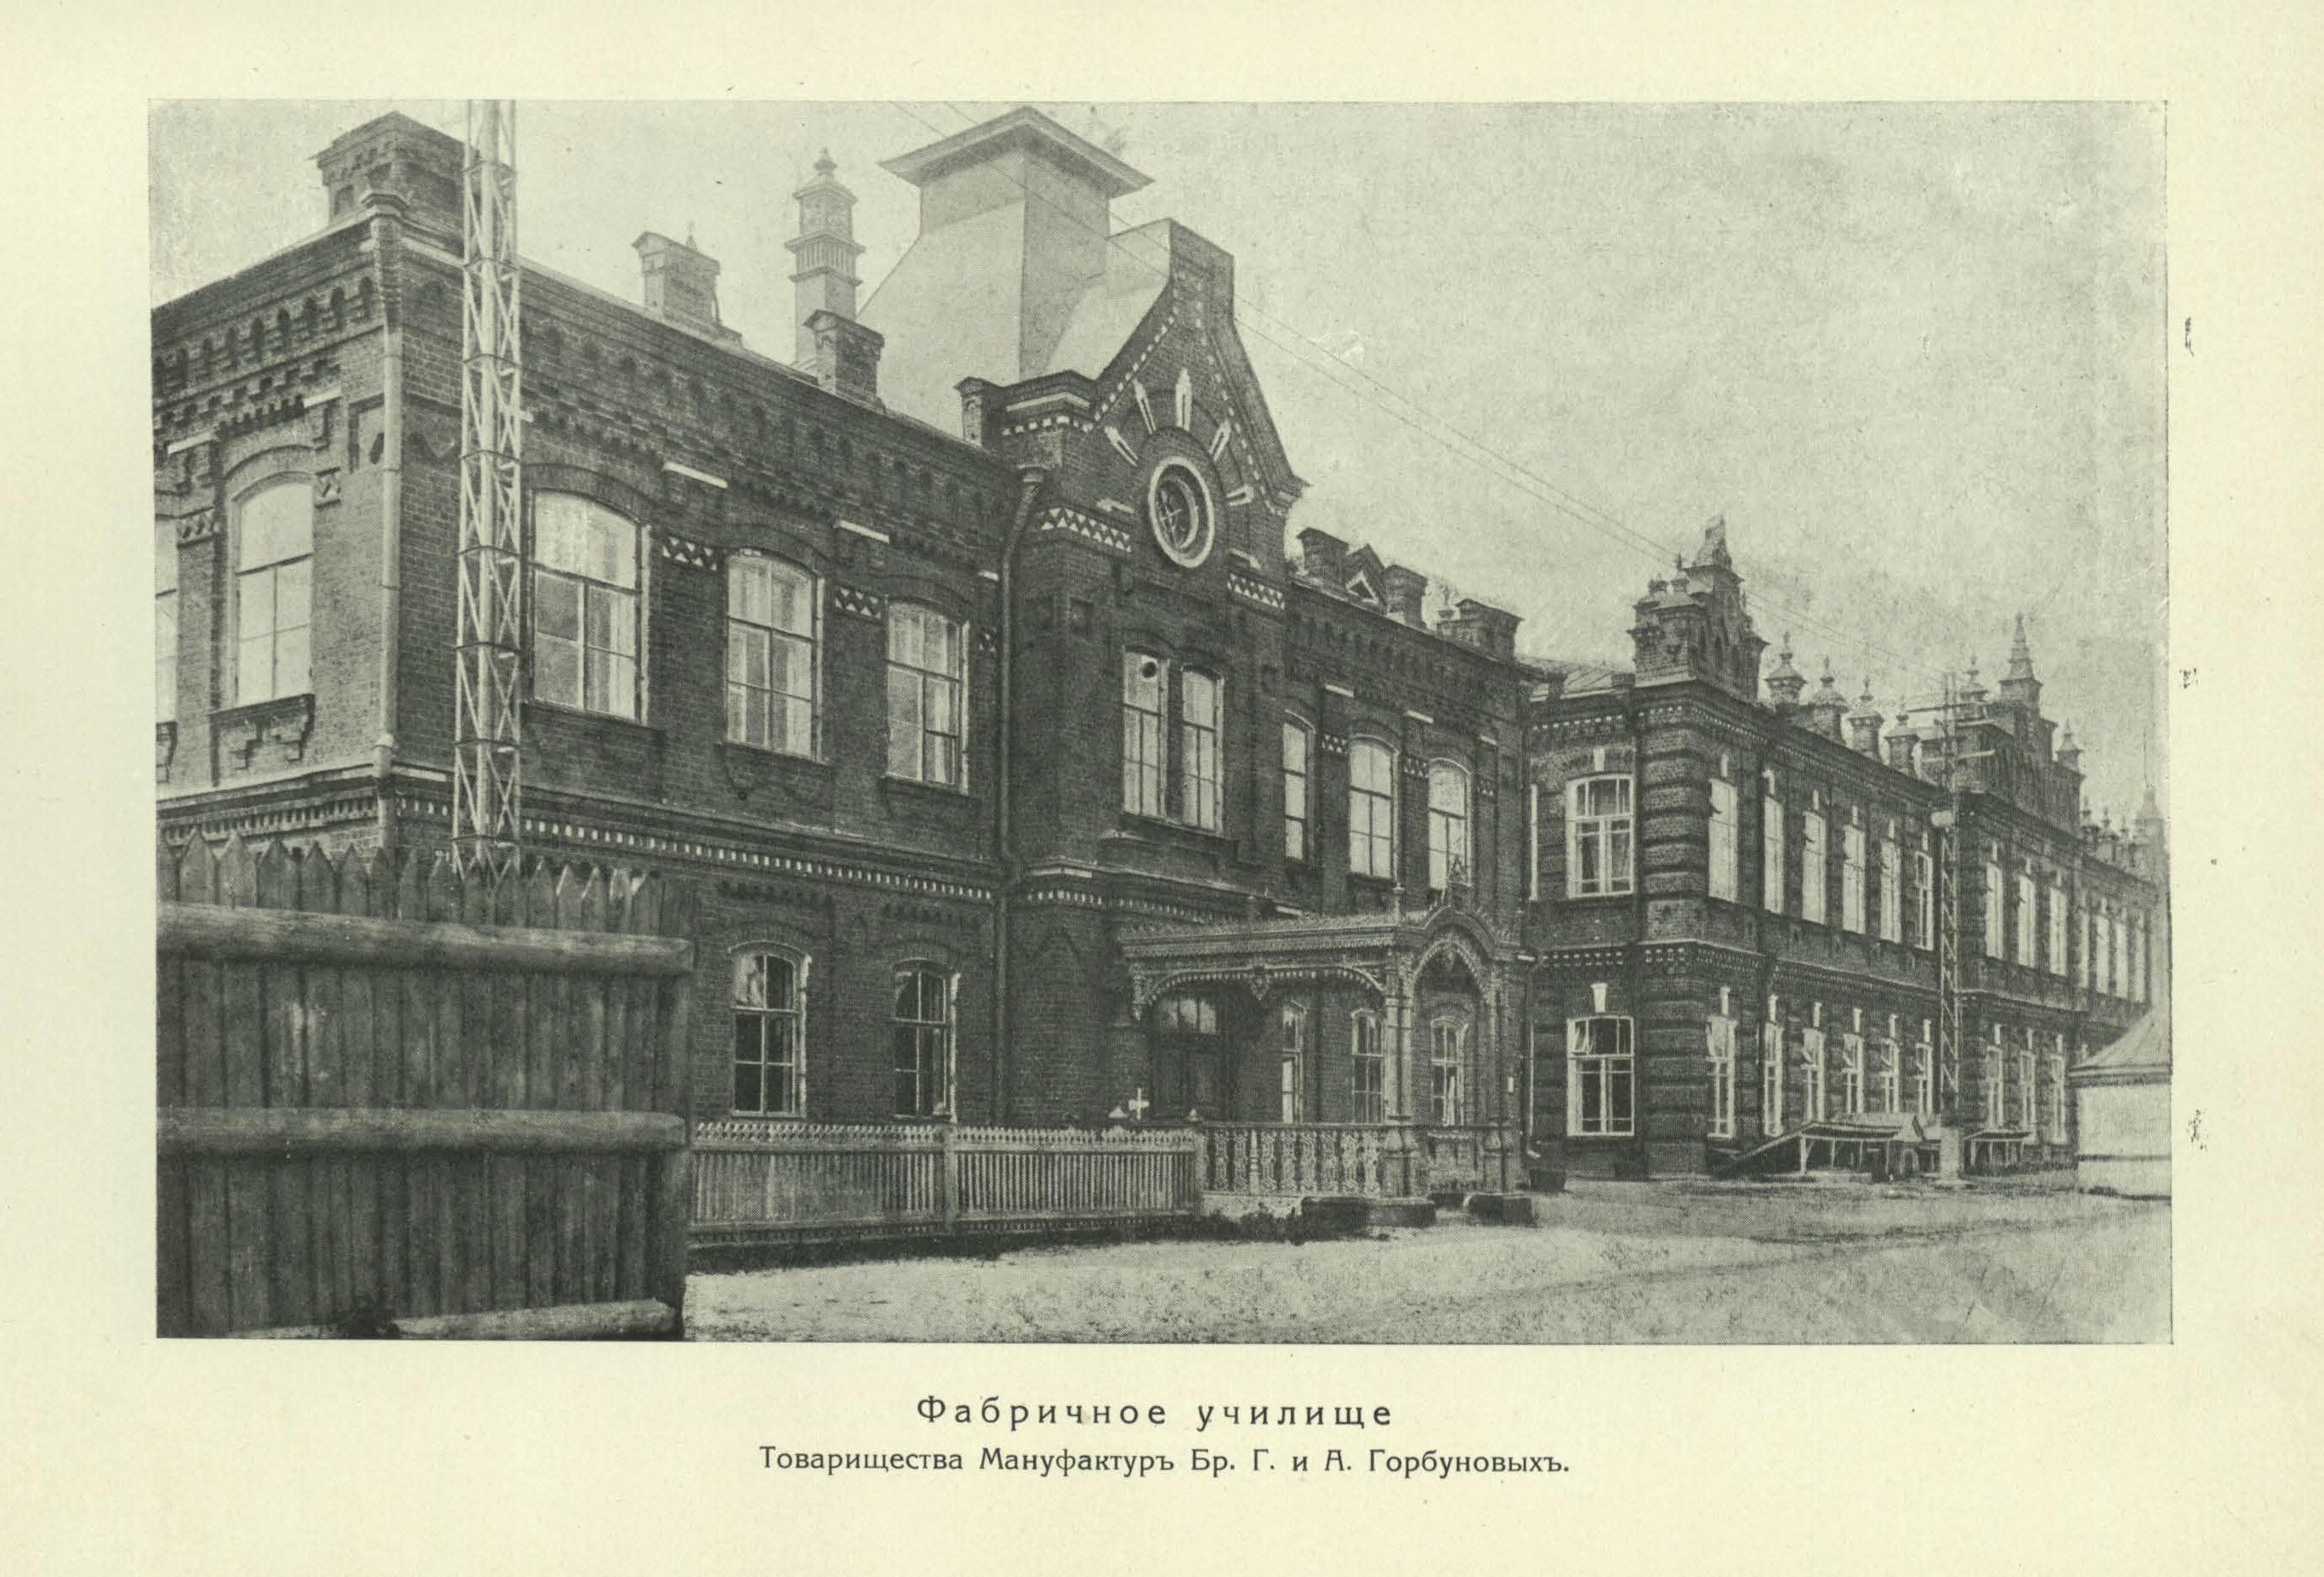 04. Фабричное училище